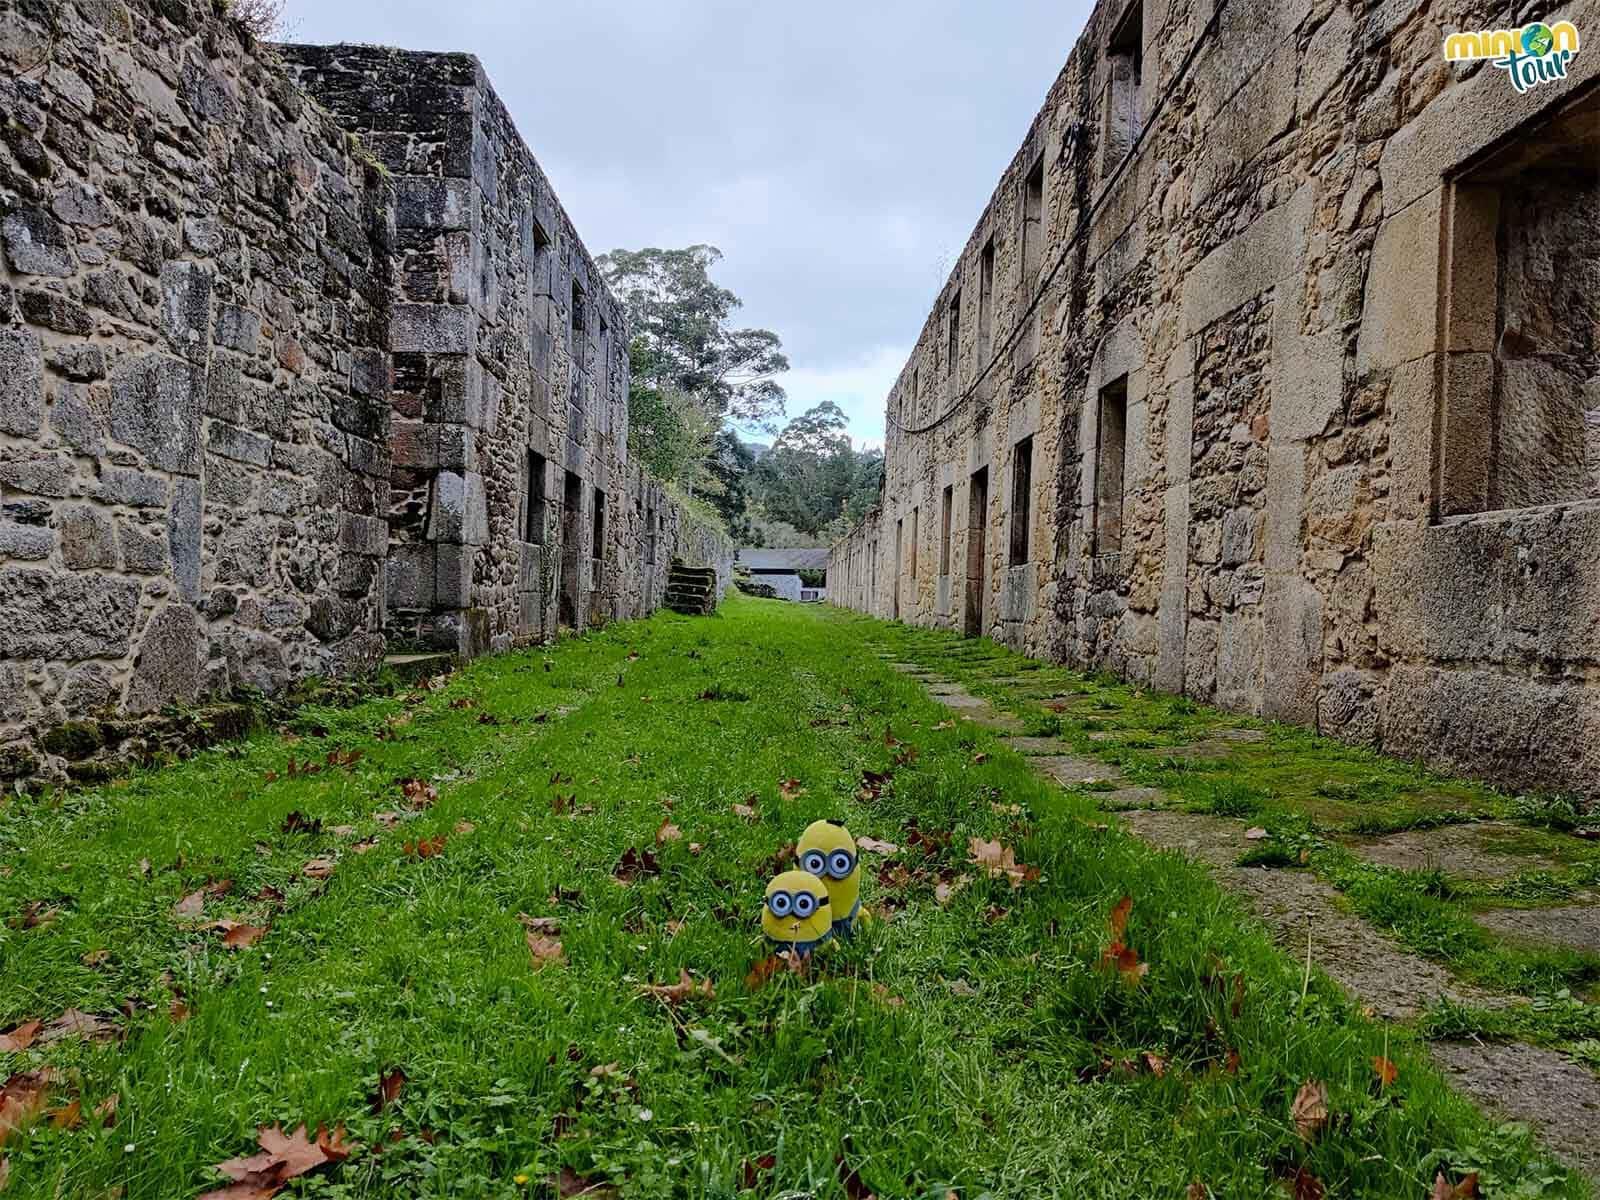 Visitamos el Conjunto Histórico Artístico de Sargadelos